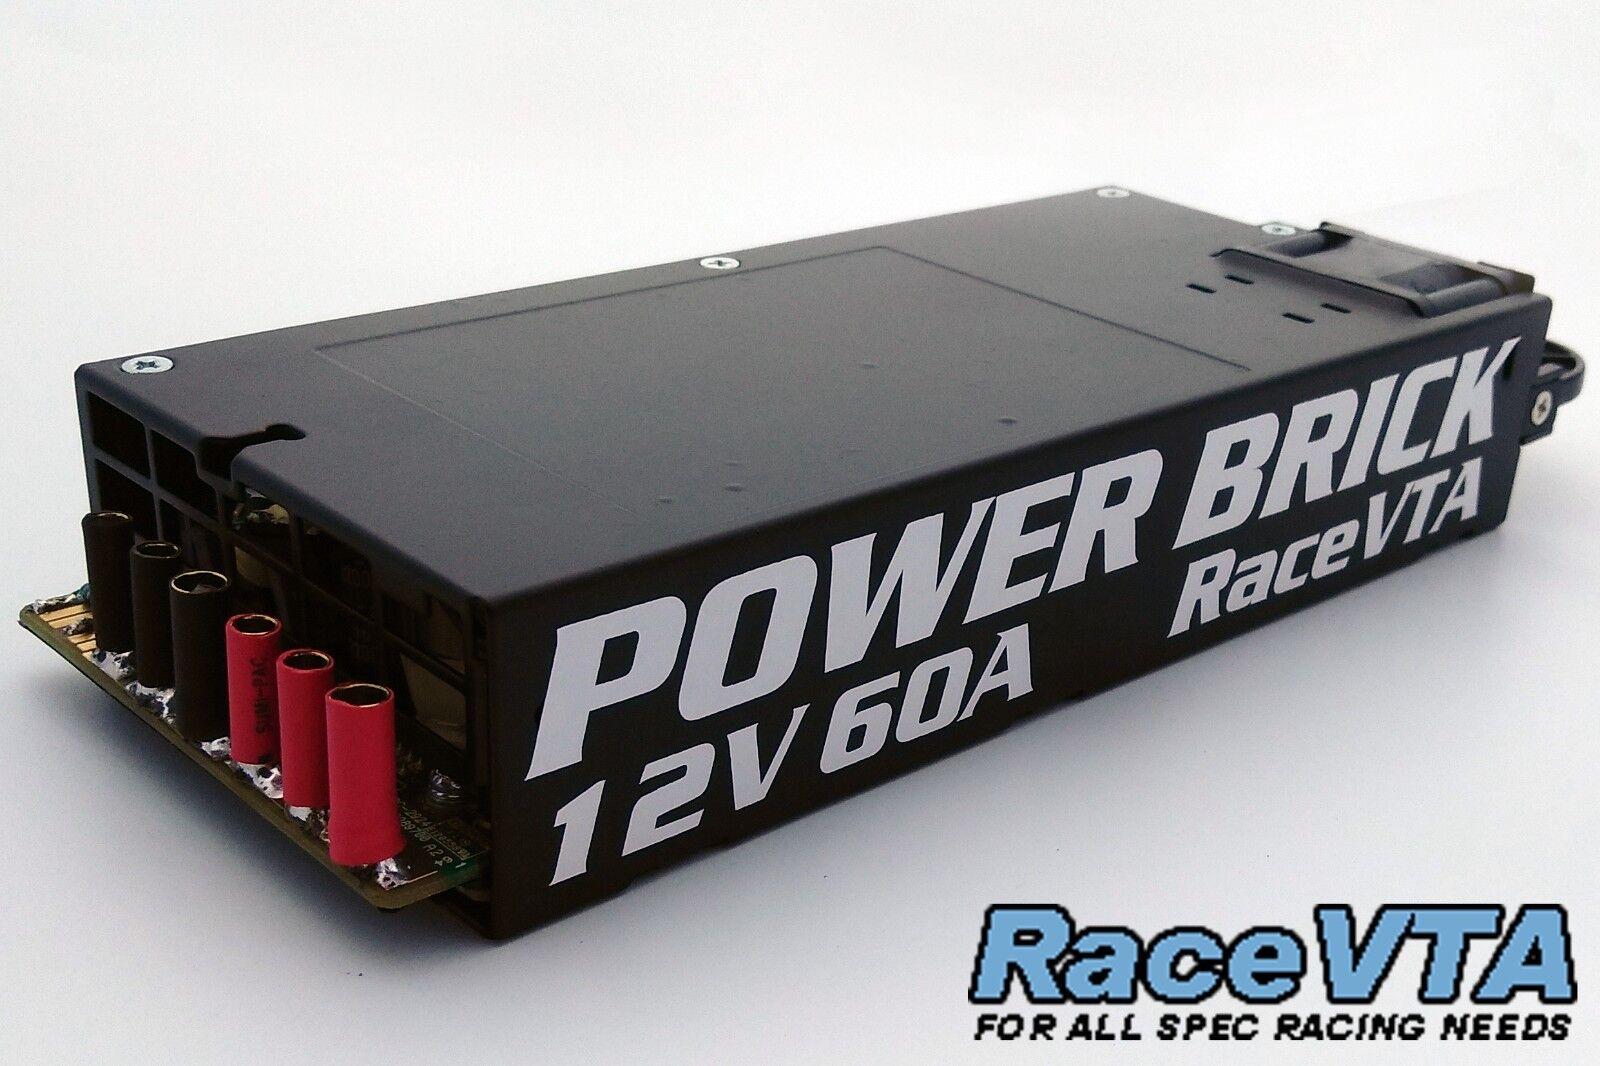 12V 60A fuente de alimentación Cargador iCharger 406 4010 308 X6 cargador de energía racevta Negro